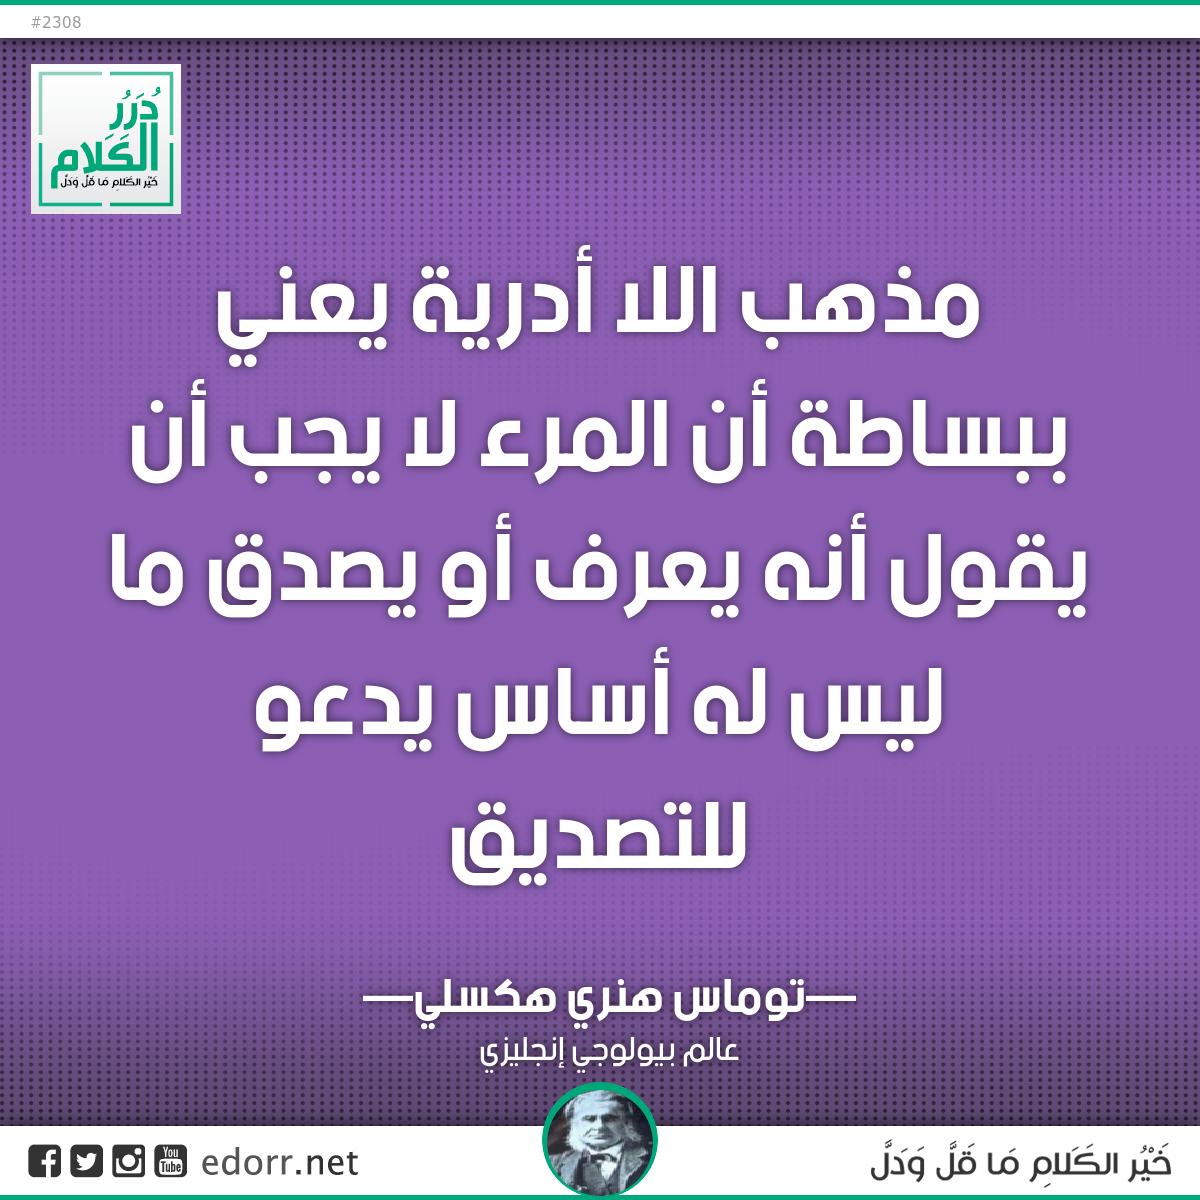 مذهب اللا أدرية يعني ببساطة أن المرء لا يجب أن يقول أنه يعرف أو يصدق ما ليس له أساس يدعو للتصديق.